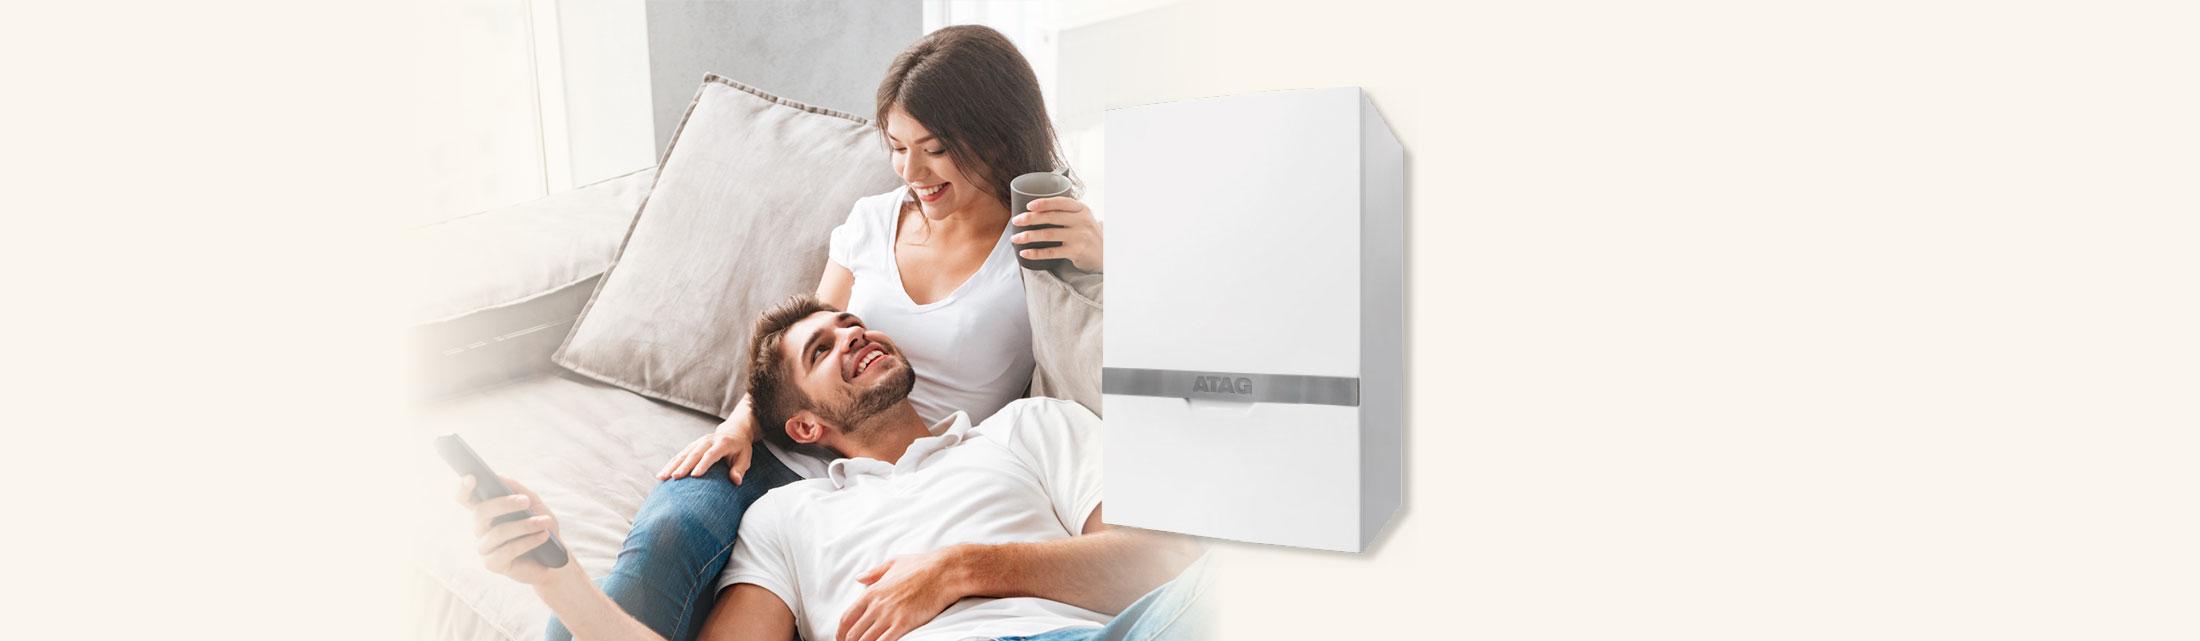 vendita-caldaie-condensazione-atag-italia